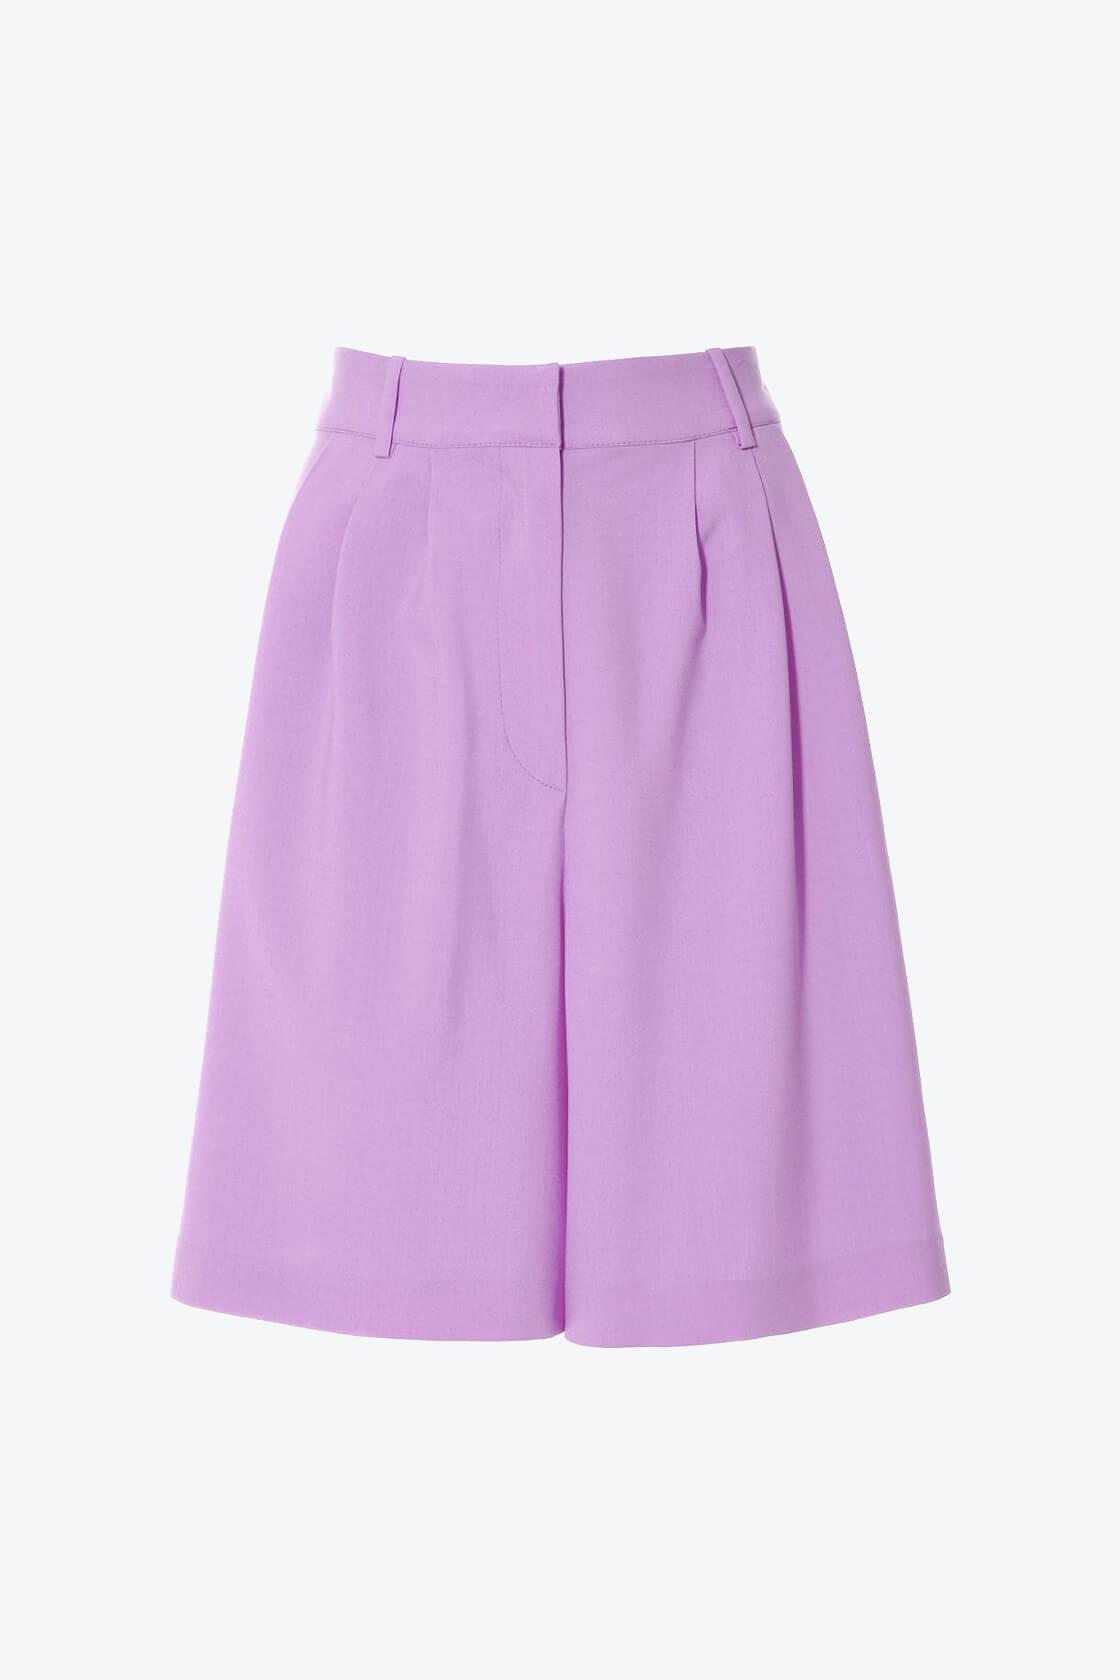 OL100002574 Shorts Billie Viola1